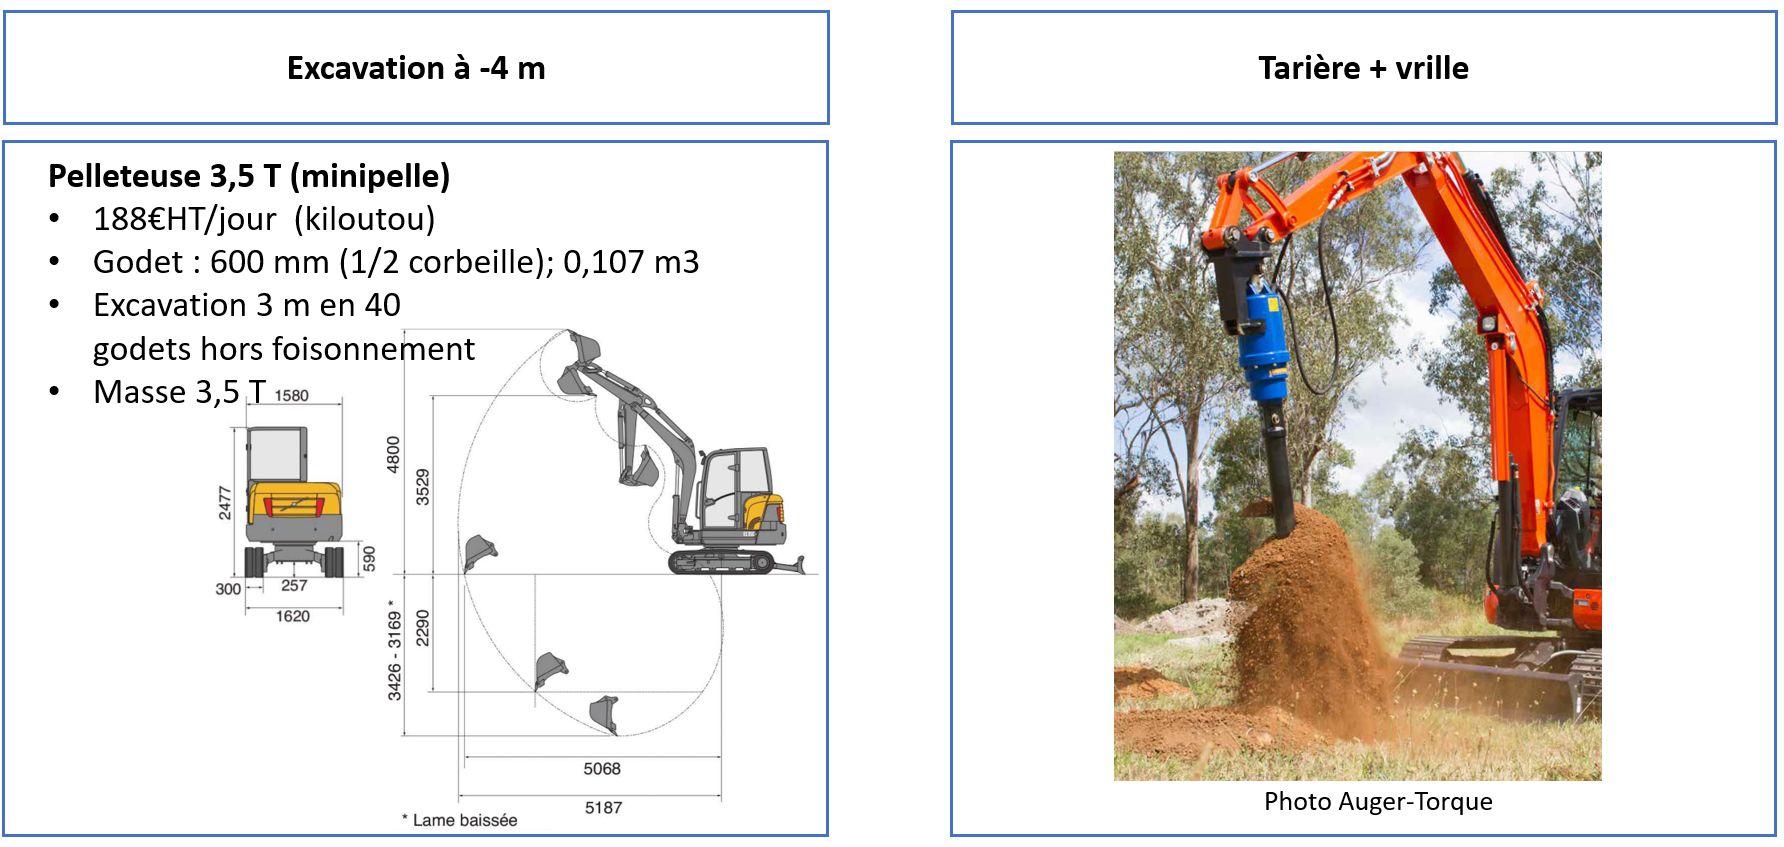 Type de pelleteuse pour puits canadien hydraulique à Tarière